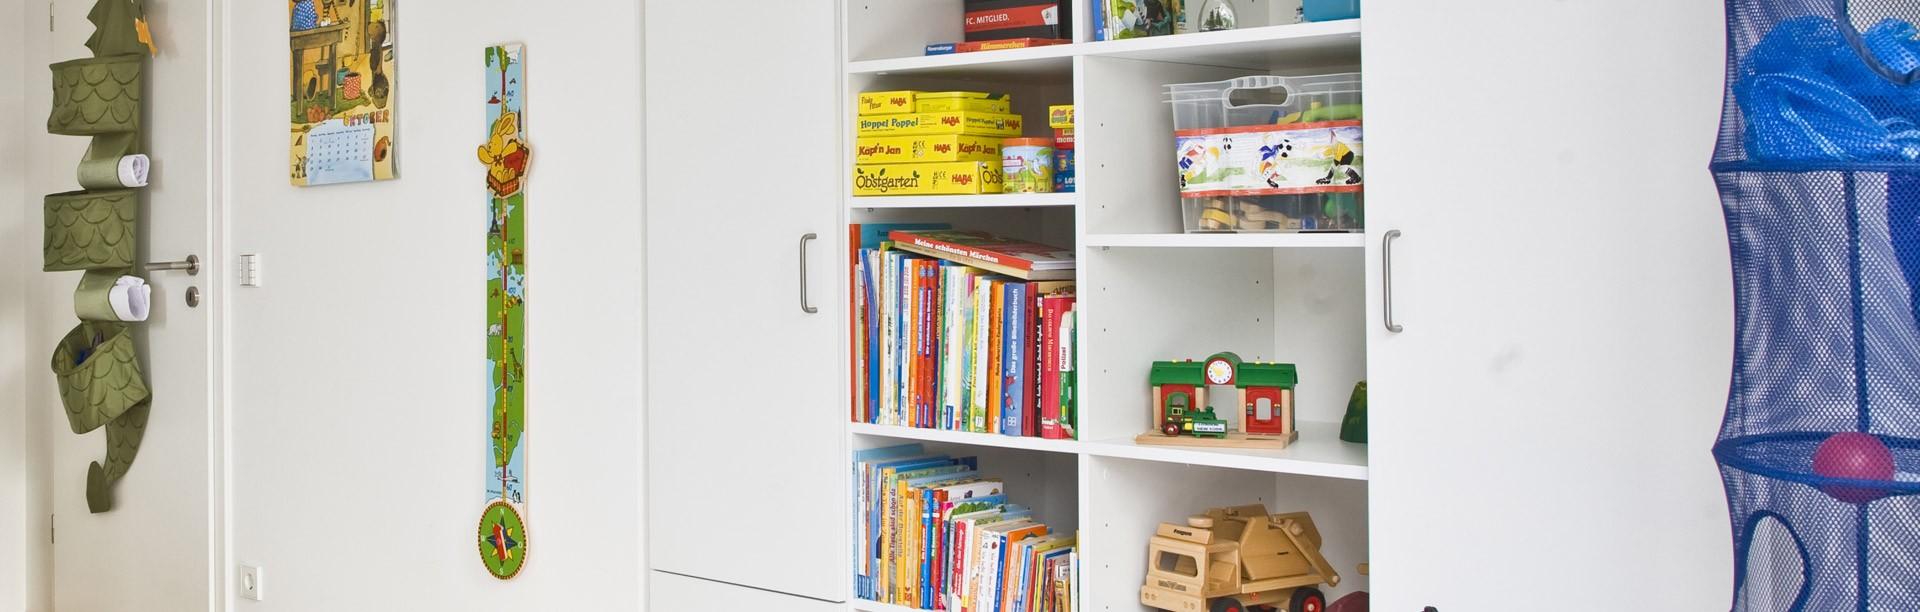 Regalsystem im Jugendzimmer